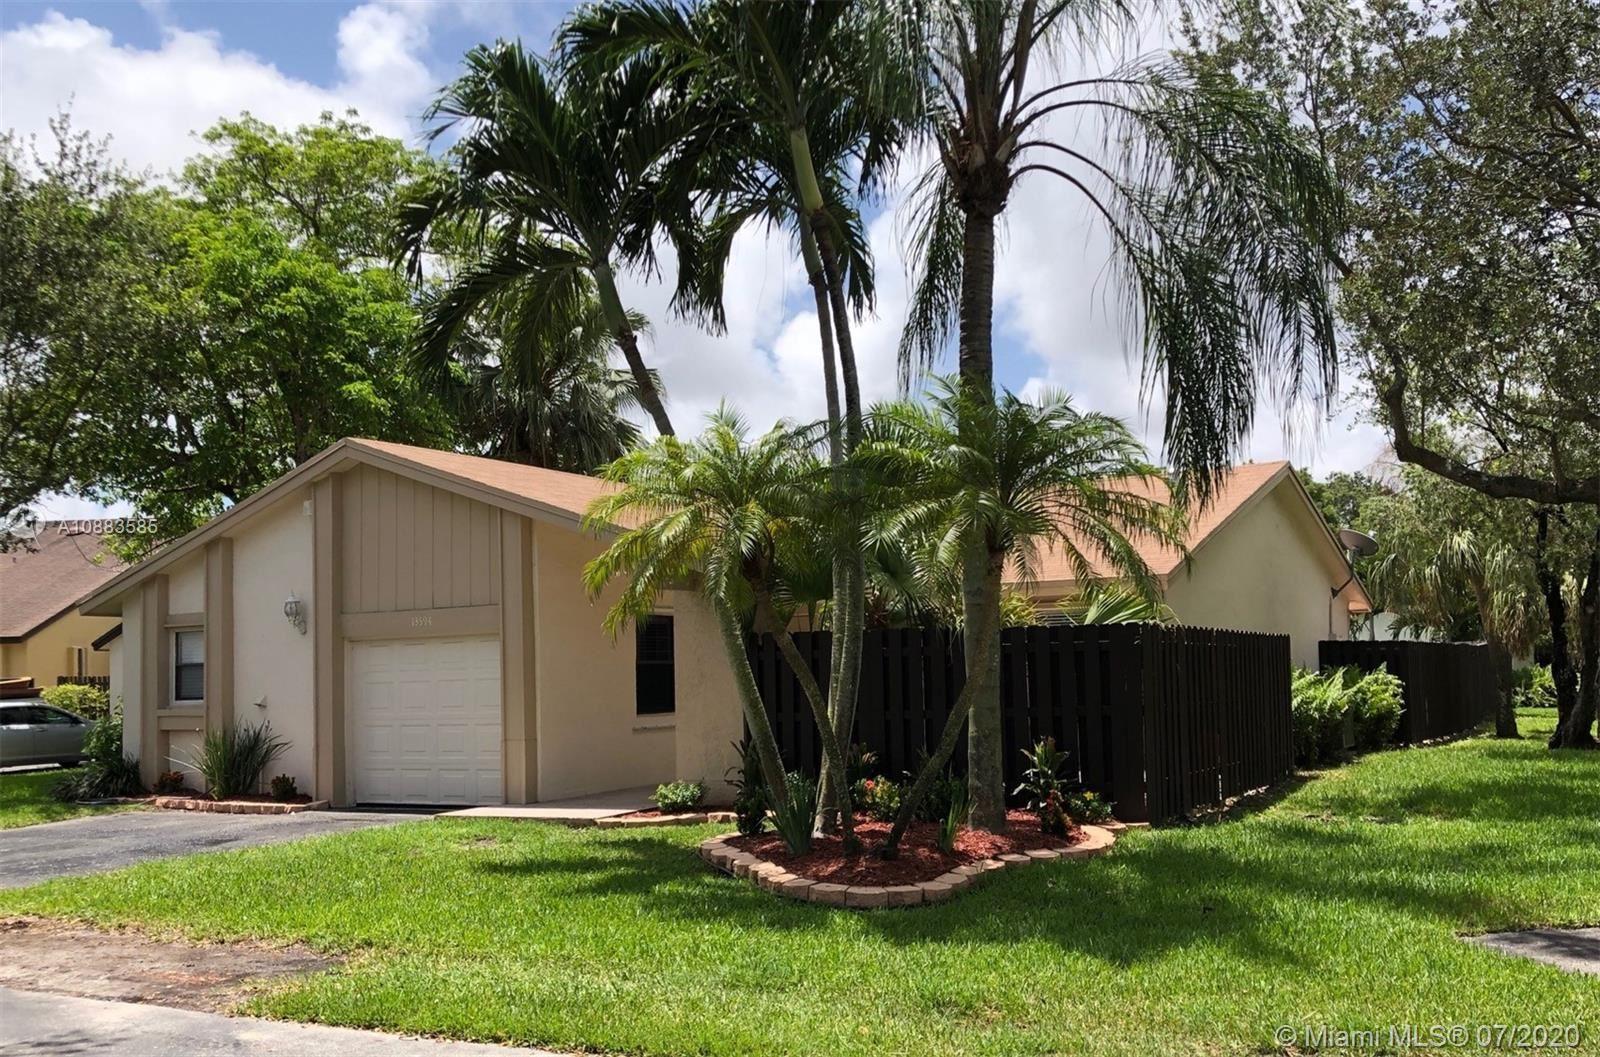 13594 SW 114th Ter, Miami, FL 33186 - #: A10883585